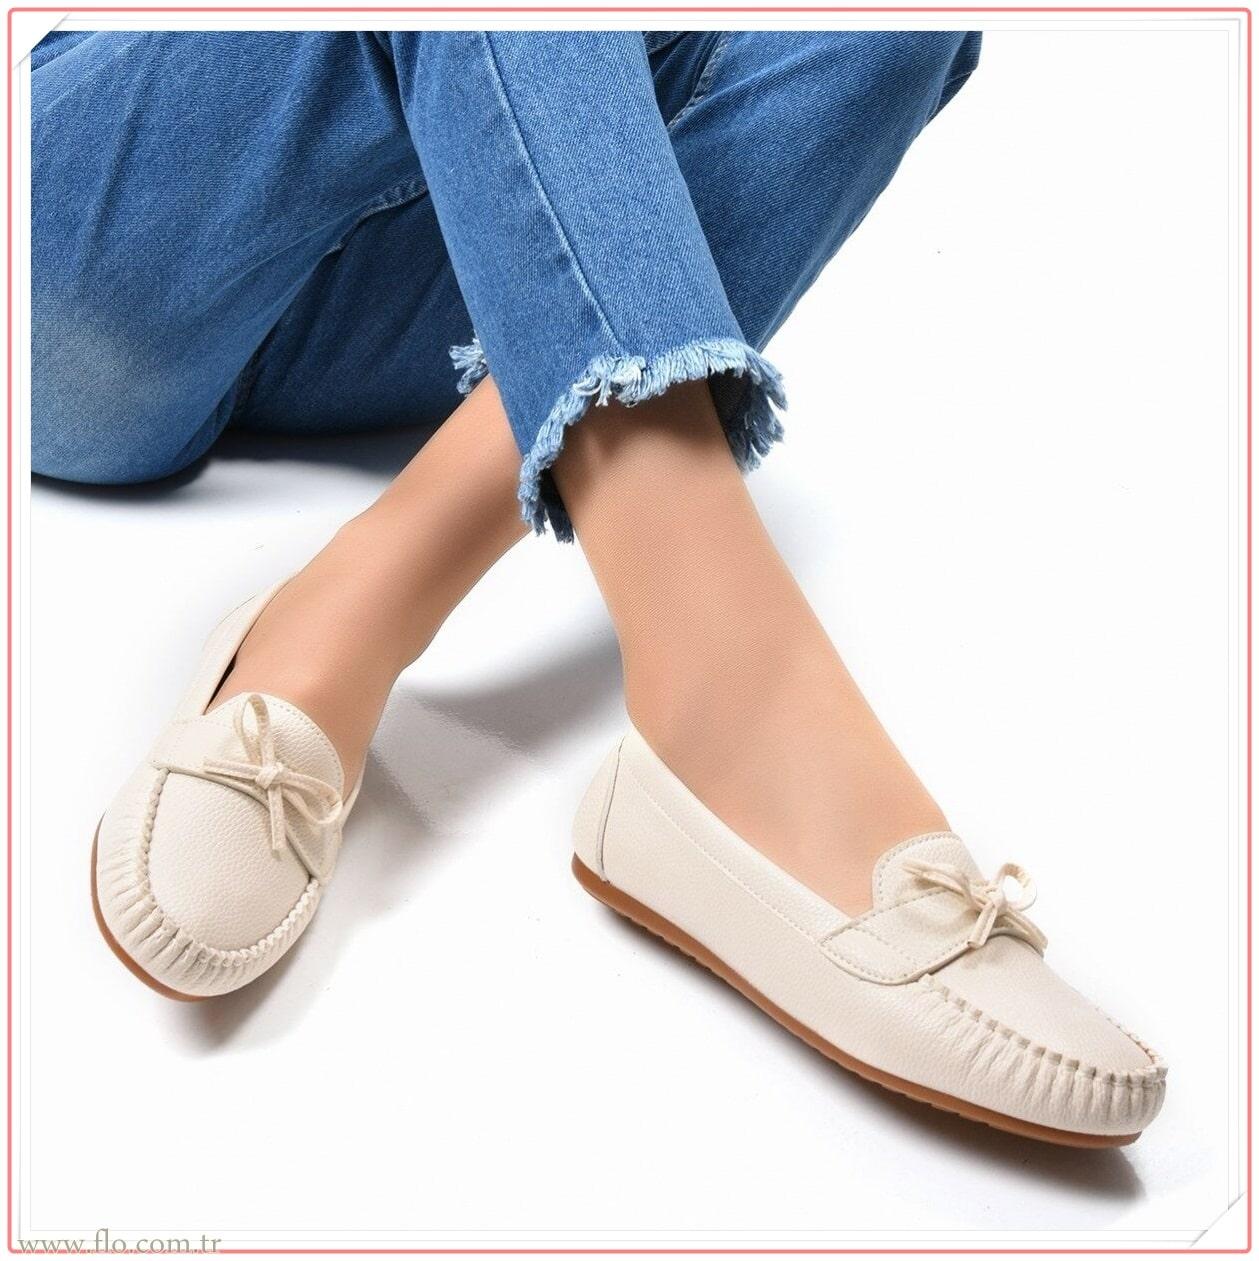 flo babet 2021,flo babet ayakkabı,2021 babetler,kadın babet ayakkabı modelleri 2021,yeni babetler,en güzel kadın babet ayakkabı modelleri,flo 2021 babet indirimli,ucuz babetler 2021